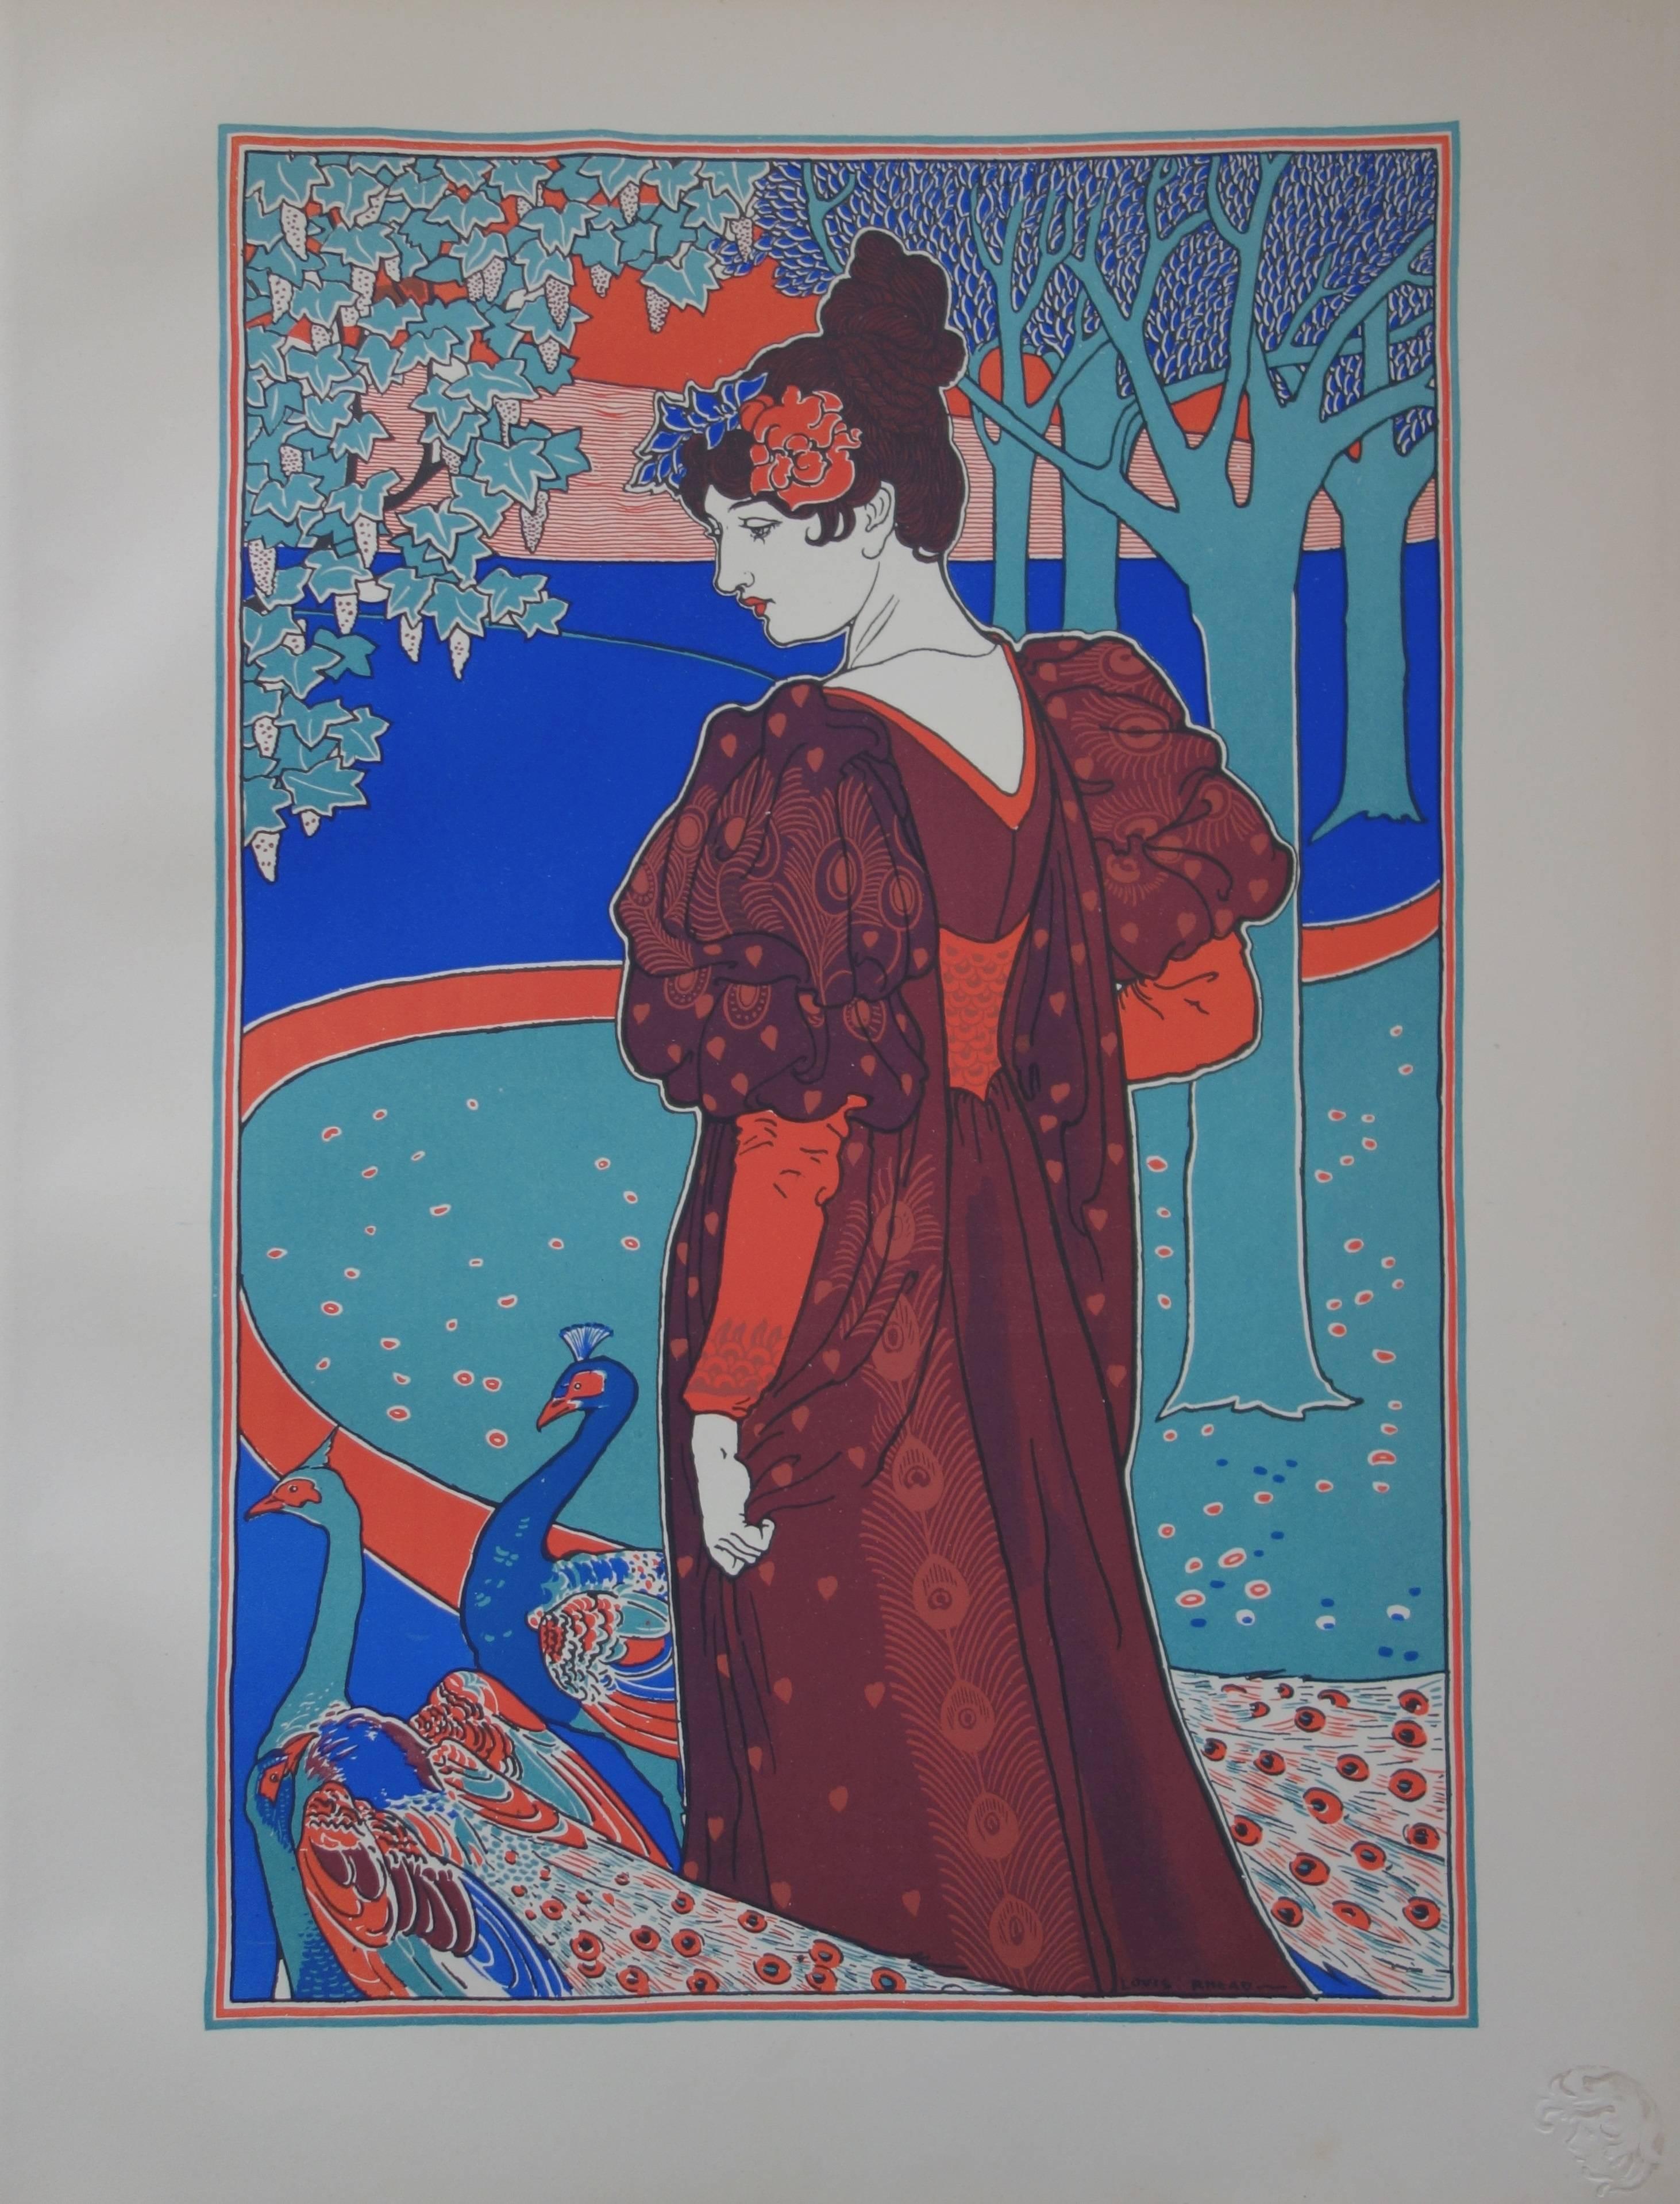 La Femme au Paon (Woman with a Peacock) - original lithograph (1897/98)